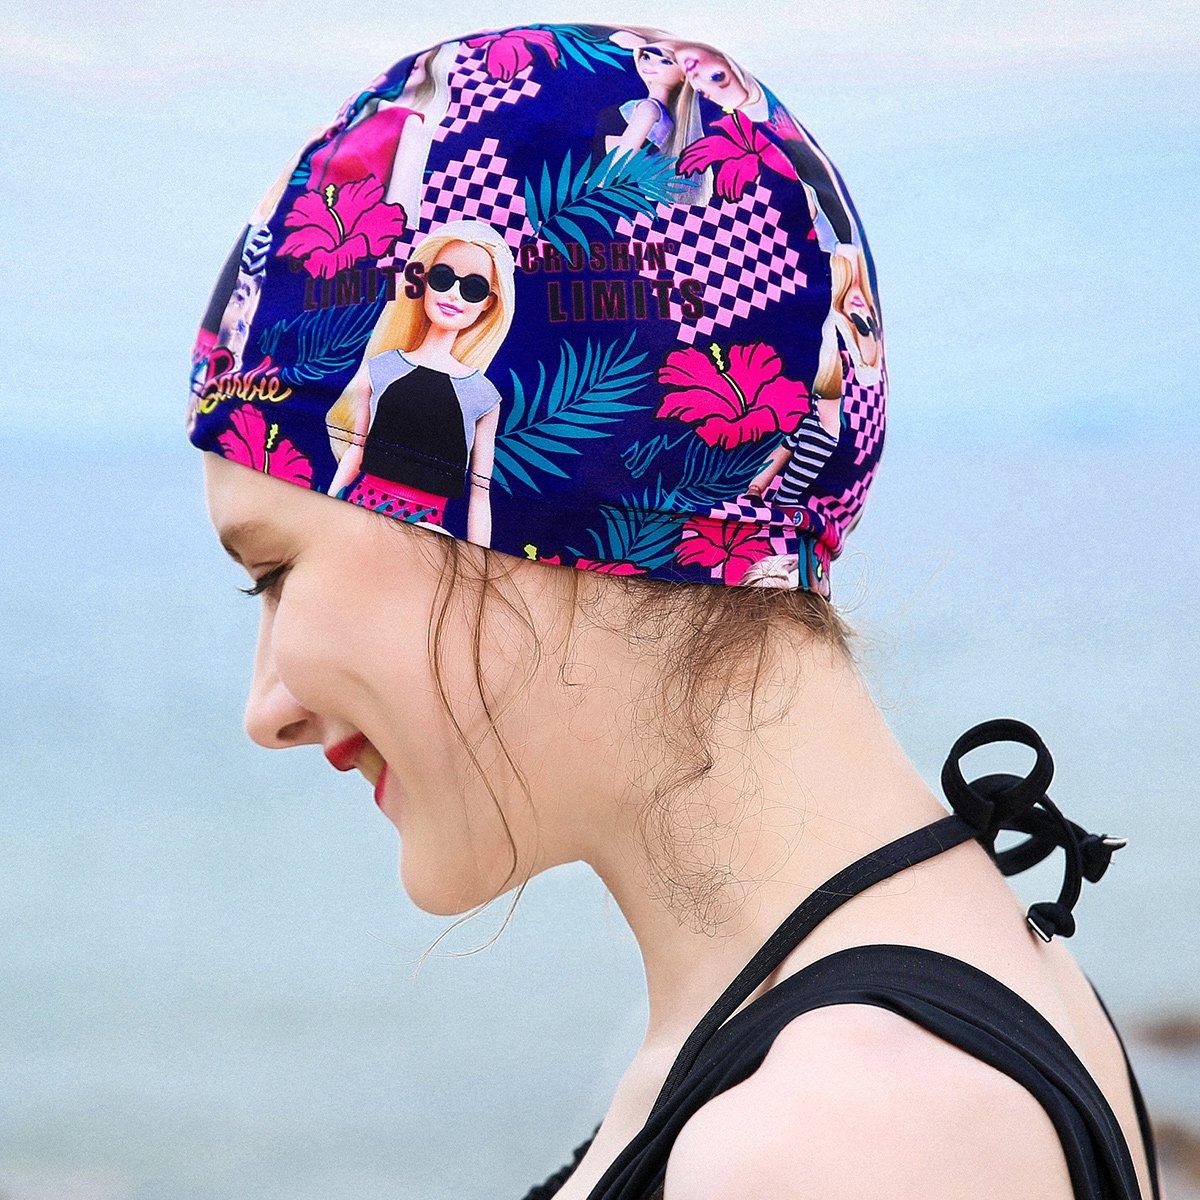 芭比时尚印花长发护耳泳帽女泳衣面料高弹舒适速干透气游泳装备